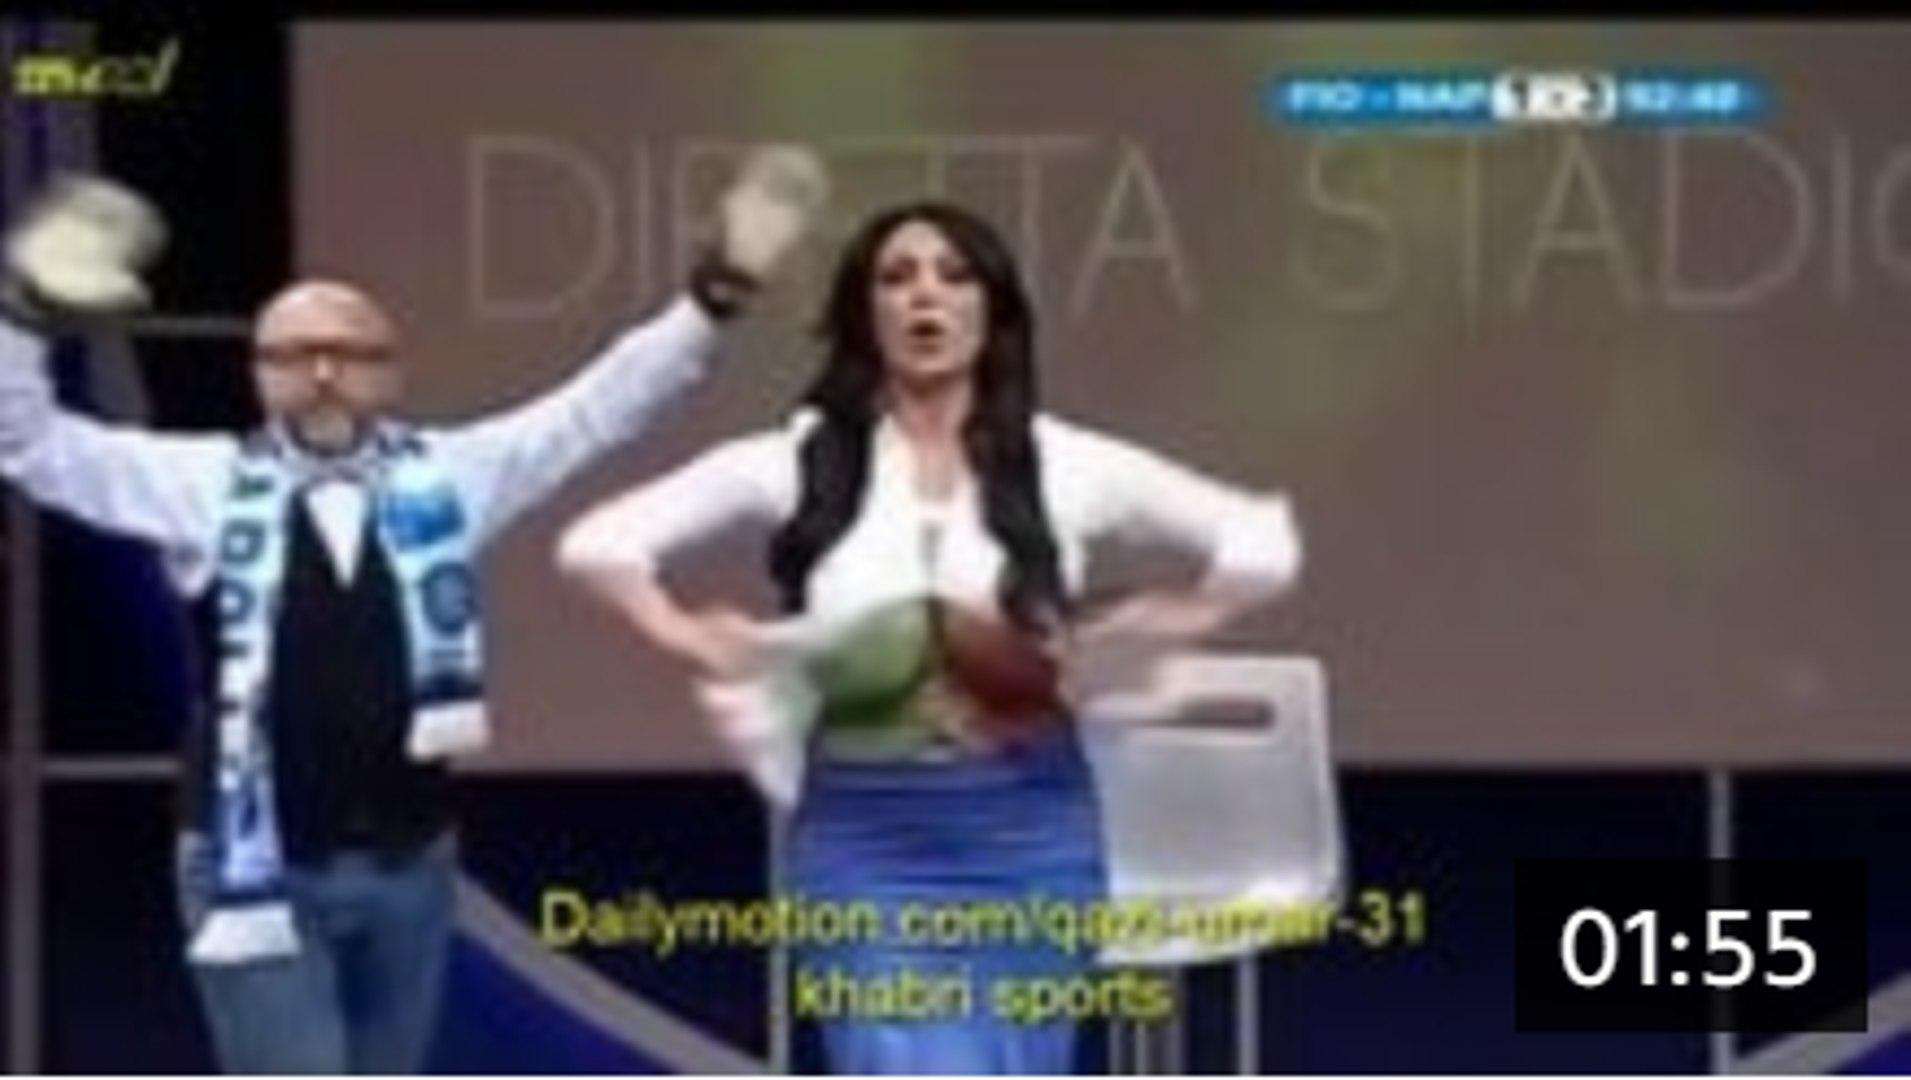 After Winning the Football Match Tv Anchor open the shirt